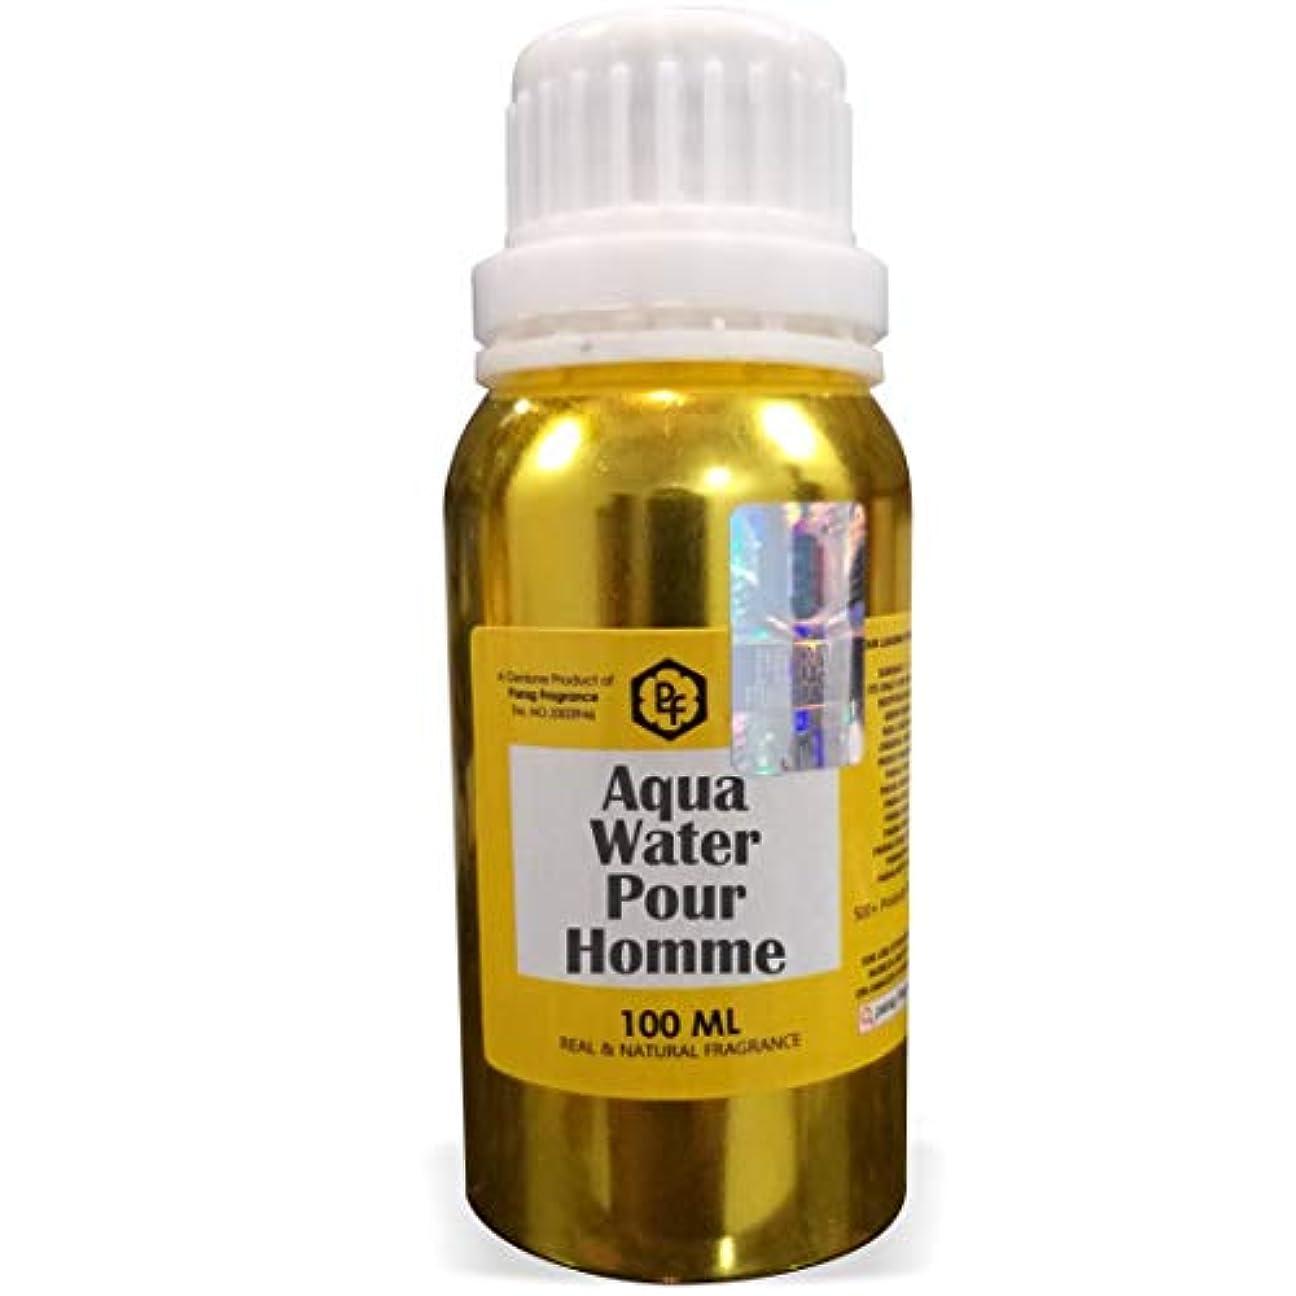 練るセンブランス同様のParagフレグランスアクアウォーターオムアター100ミリリットル(男性用アルコールフリーアター)香油を注ぎます| 香り| ITRA